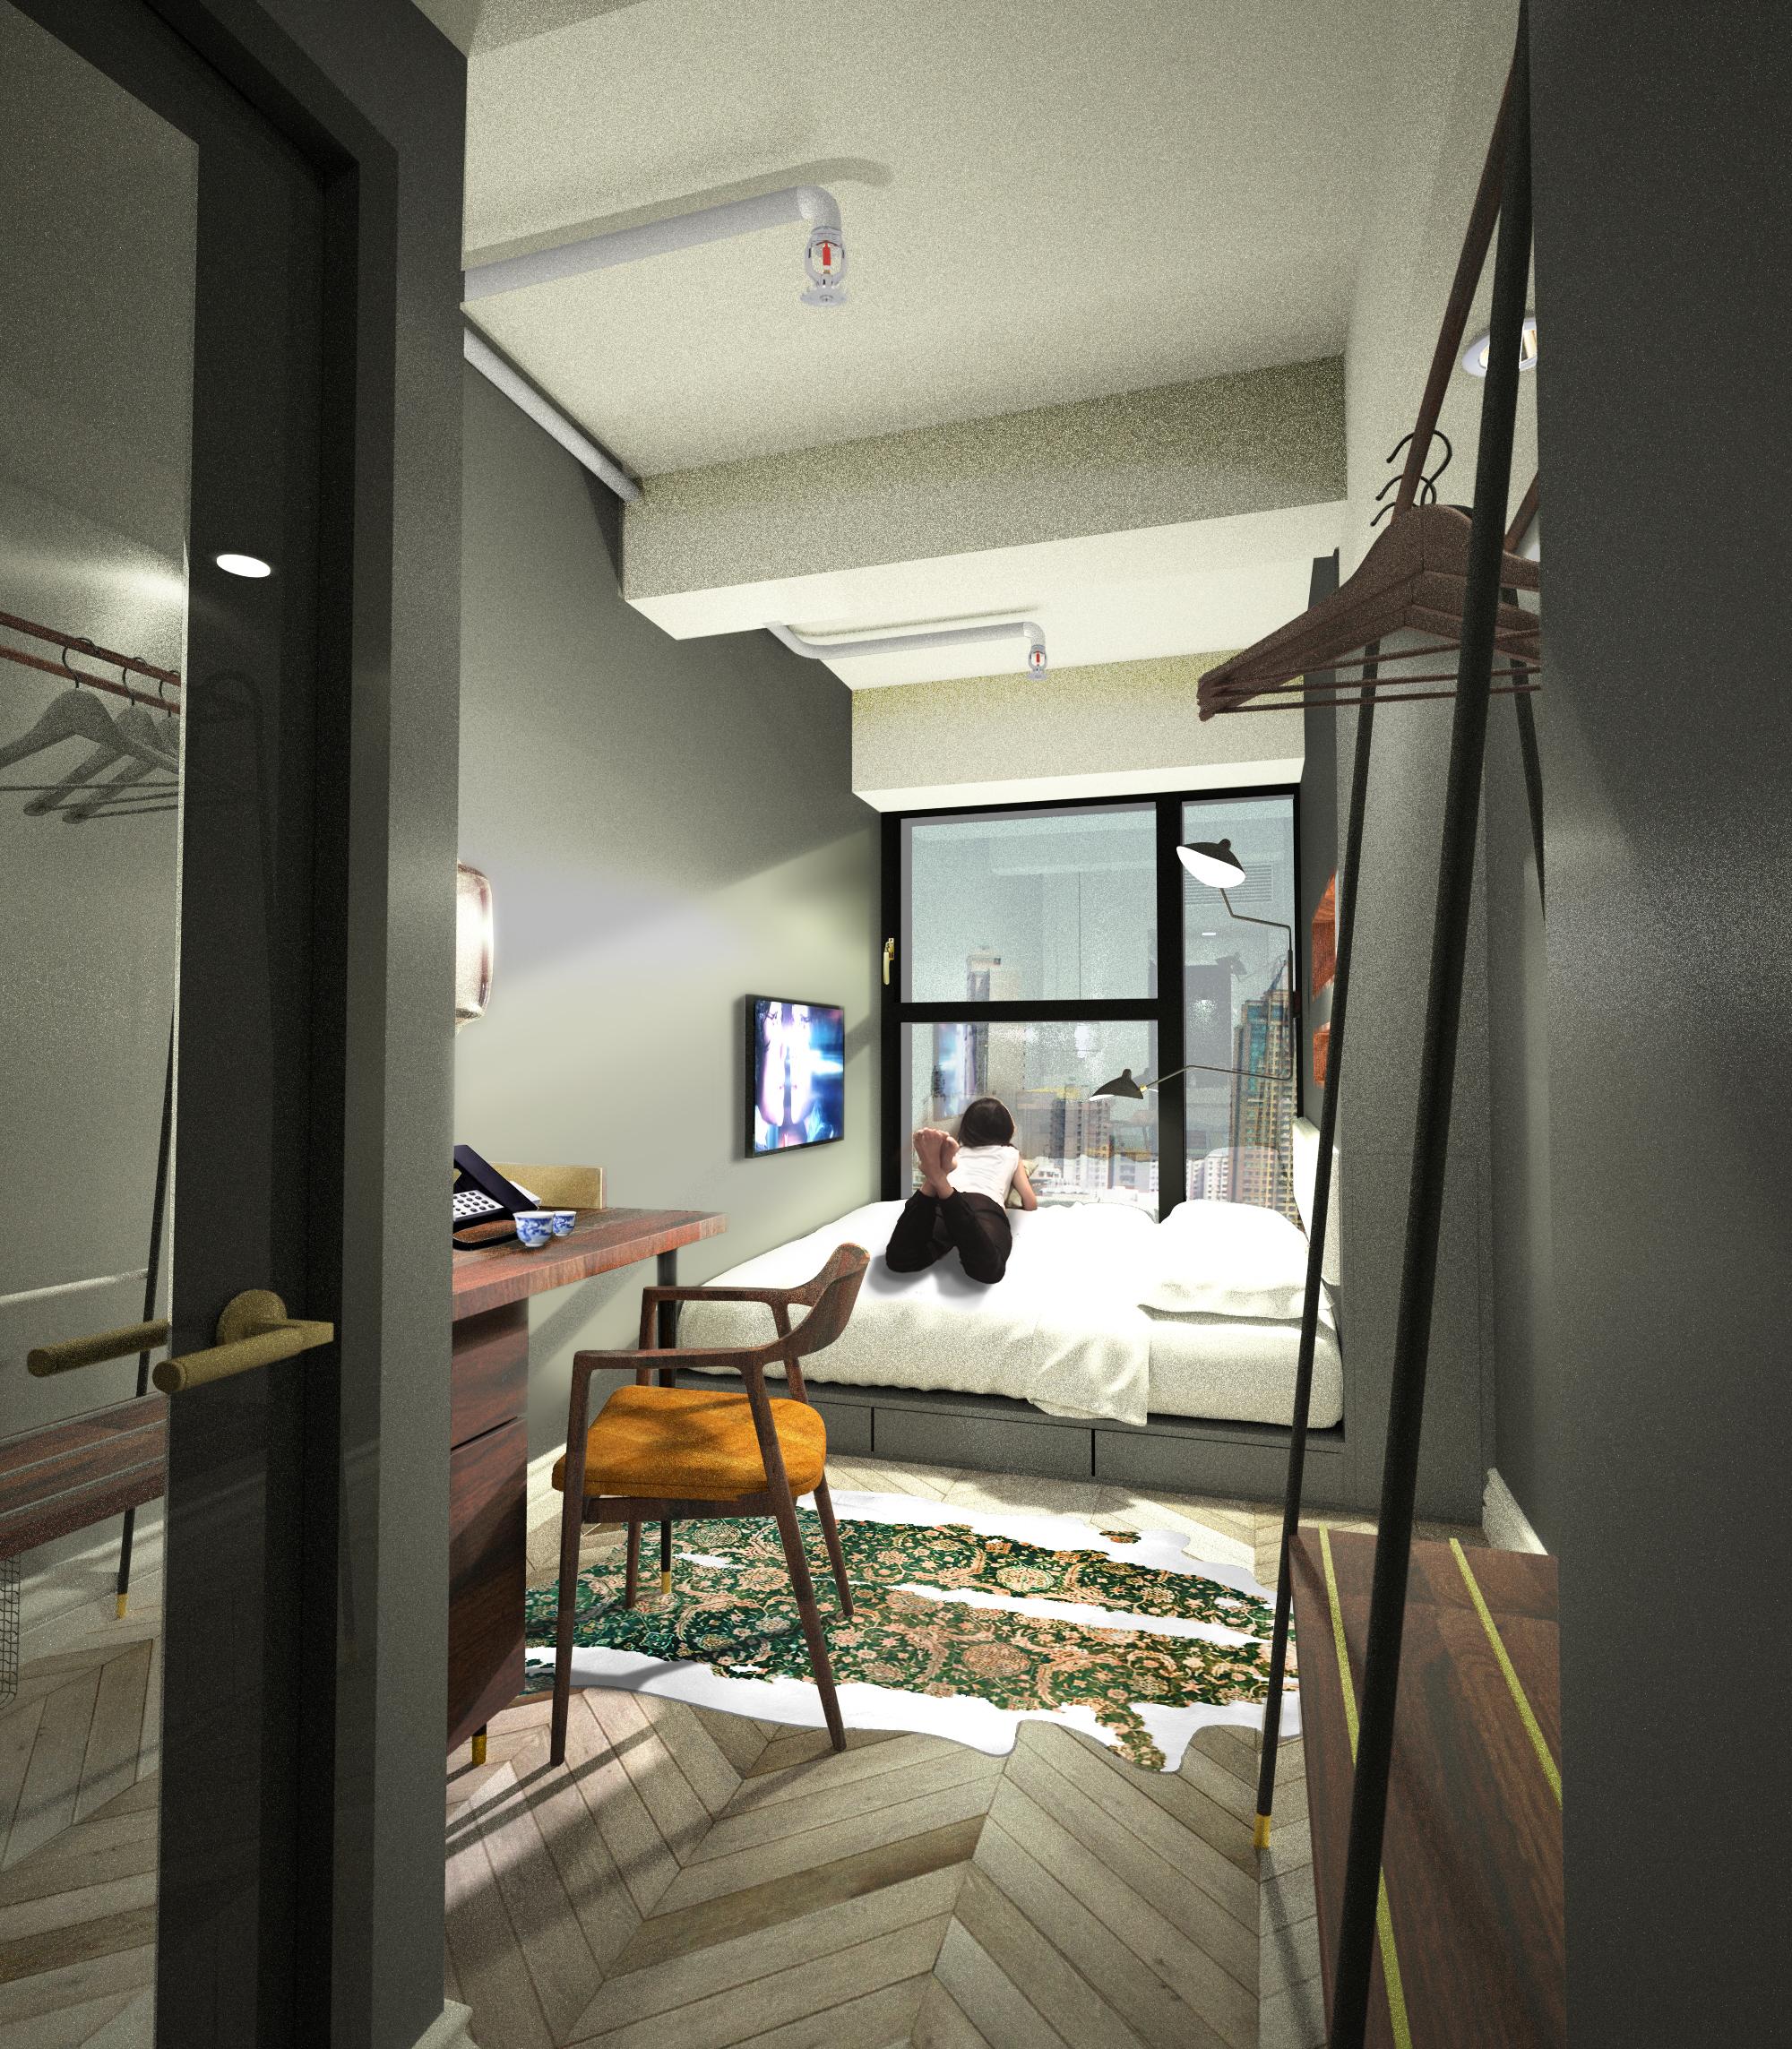 Tribute Hotel - Spawton Architecture